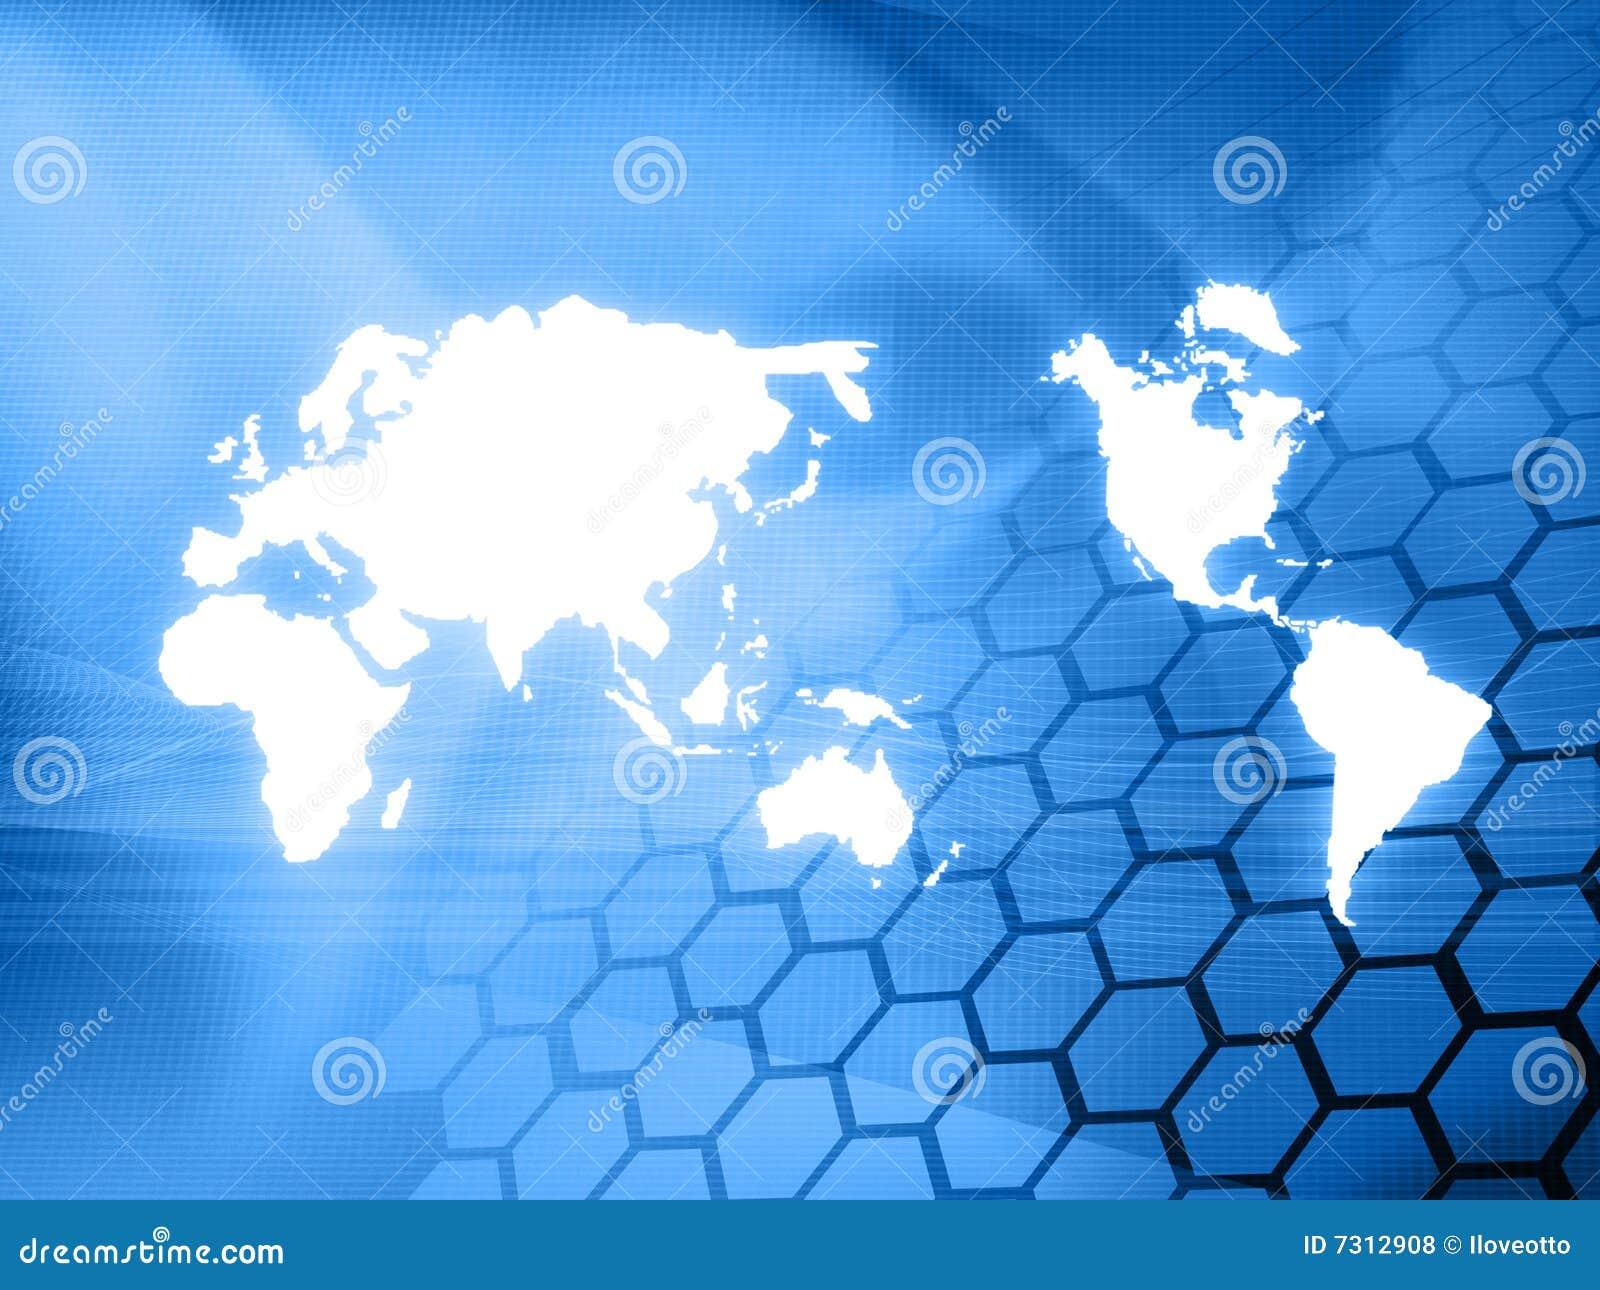 Tecnologia-stile del programma di mondo